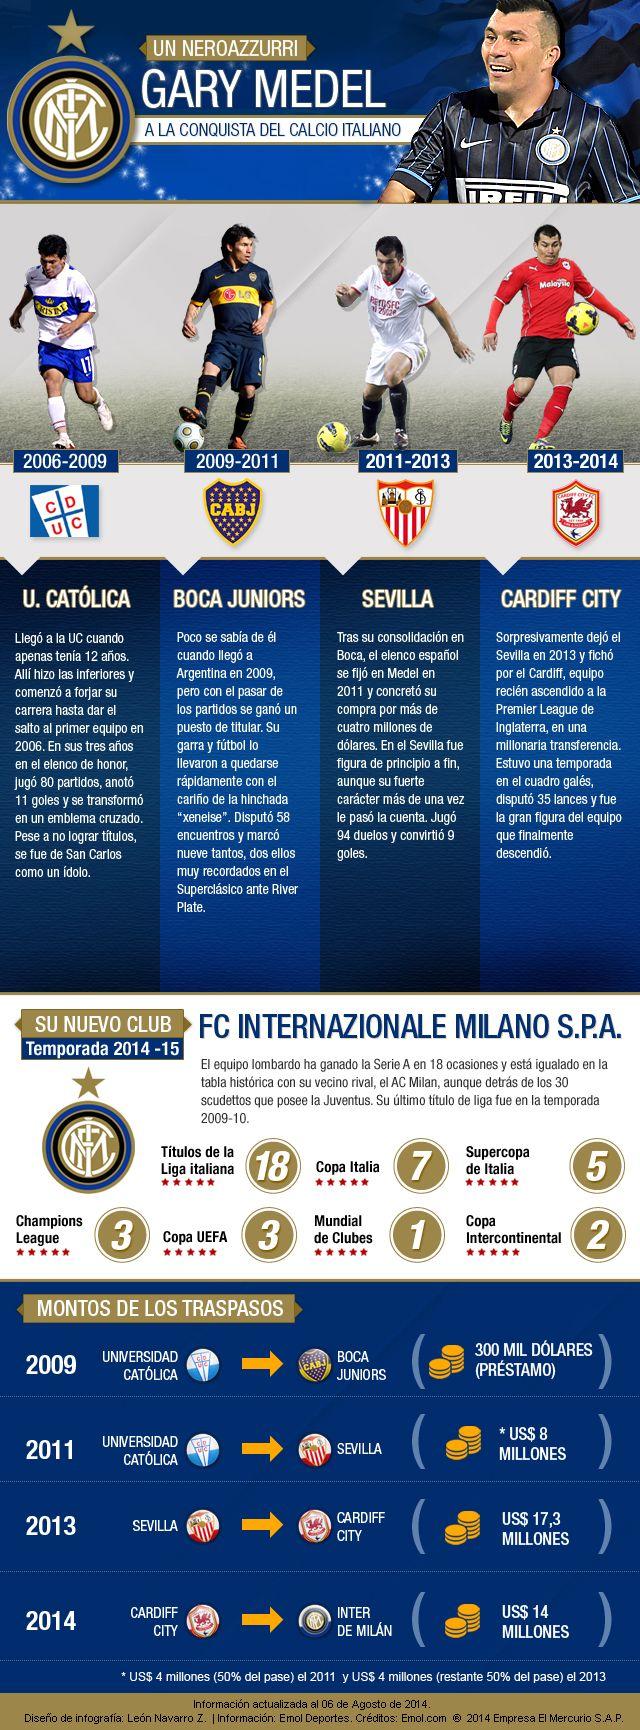 Gary Medel. Inter de Milan.